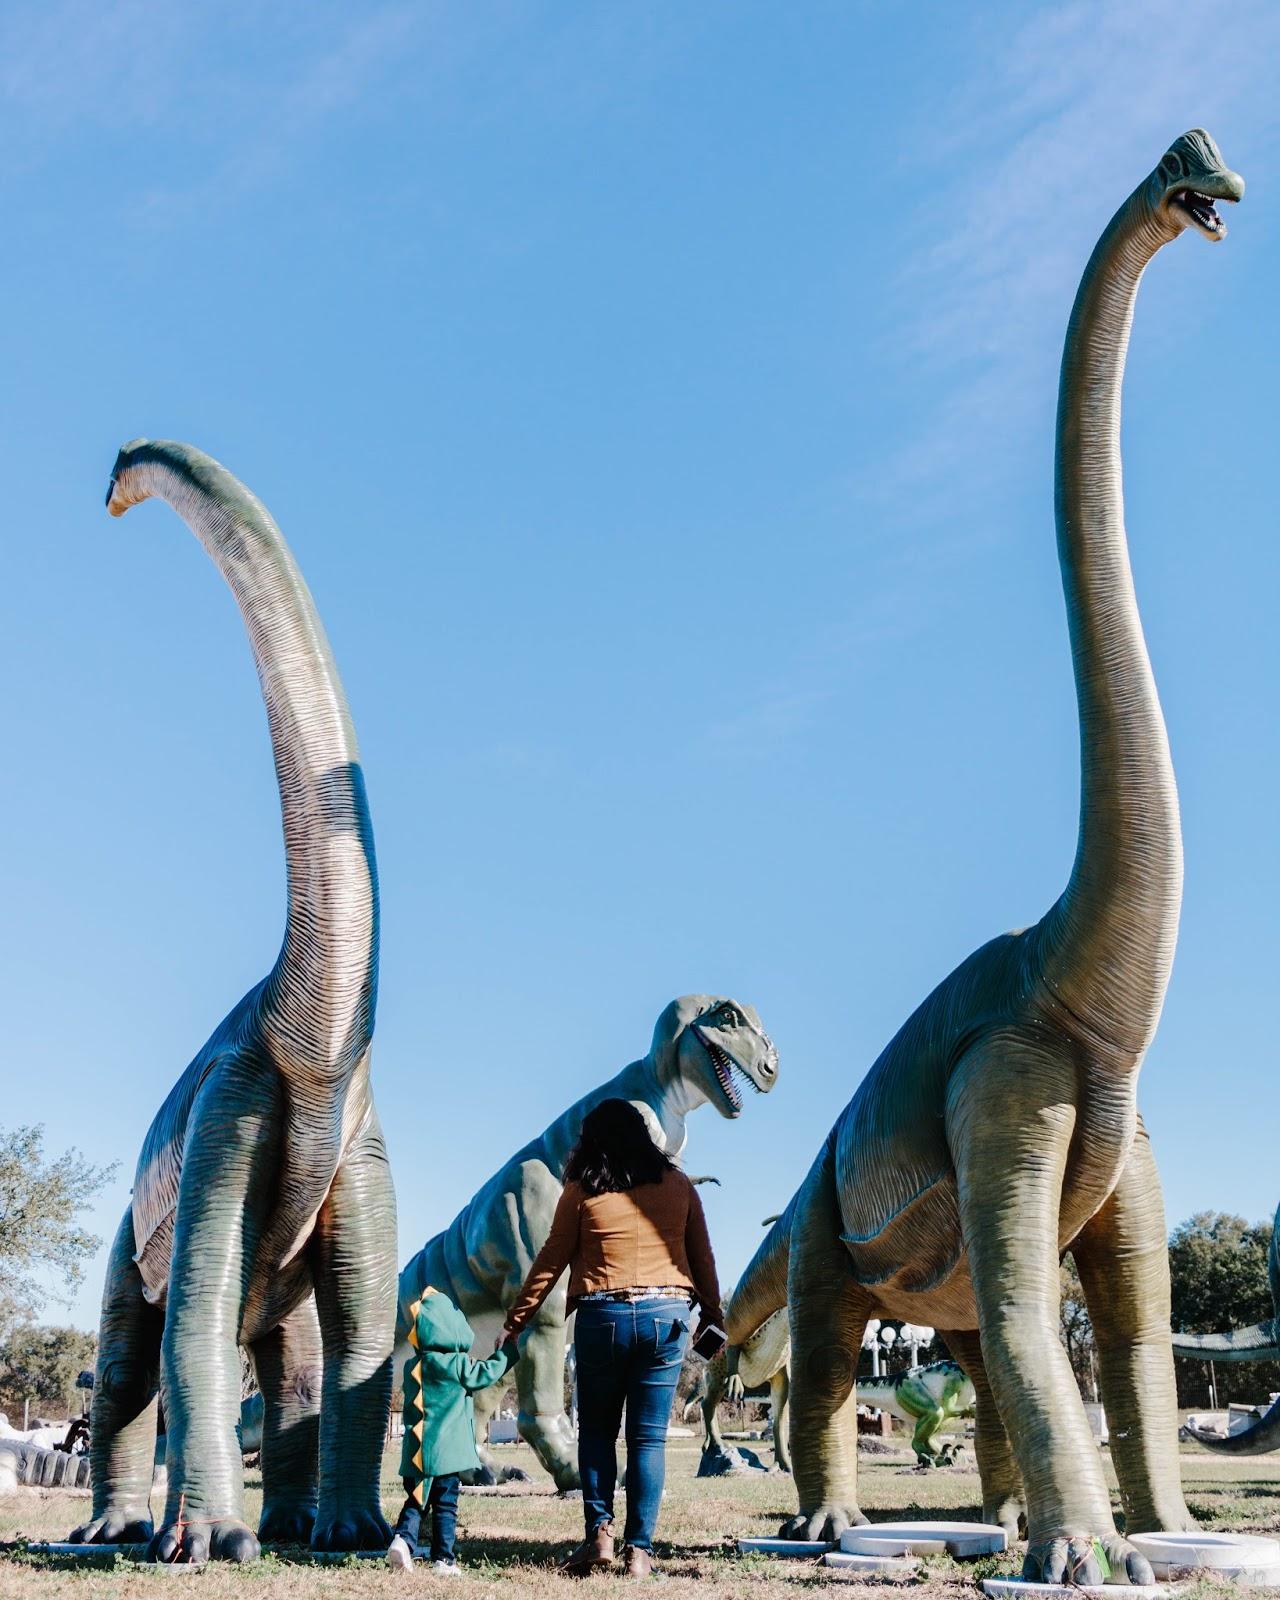 dinosaur Replicas